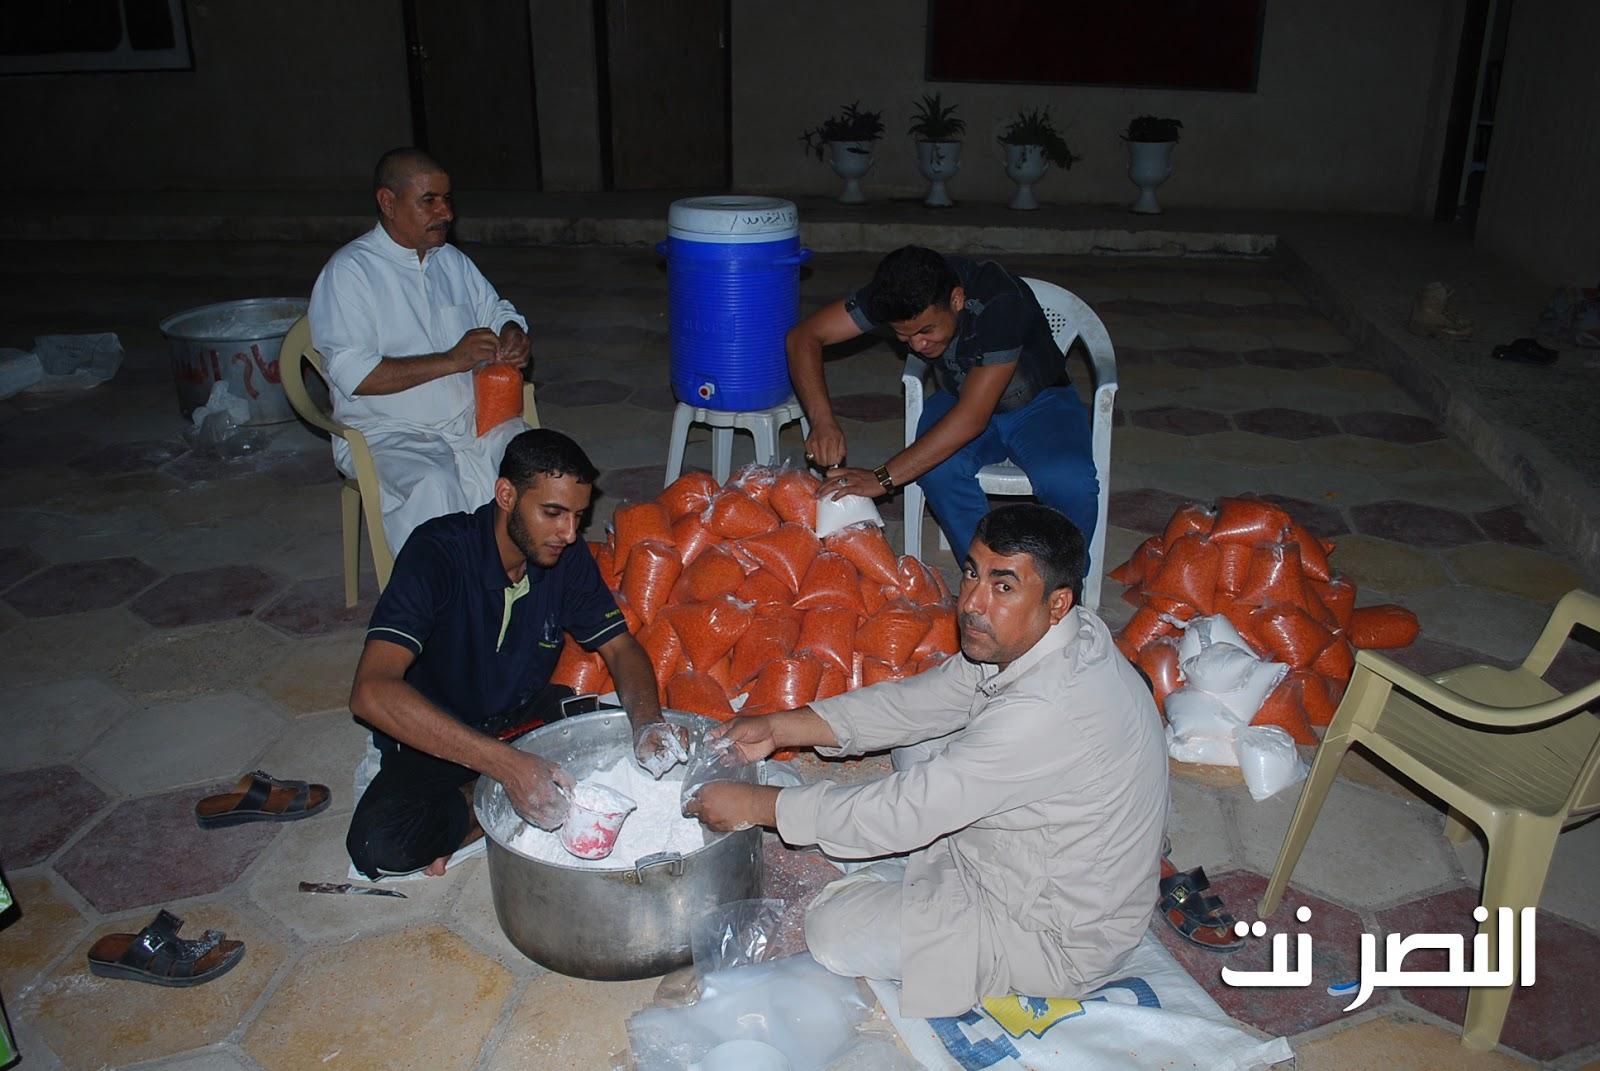 مبرة النصر للأيتام تباشر توزيع سلة رمضان بالتعاون مع الجمعيات الخيرية  DSC_0014